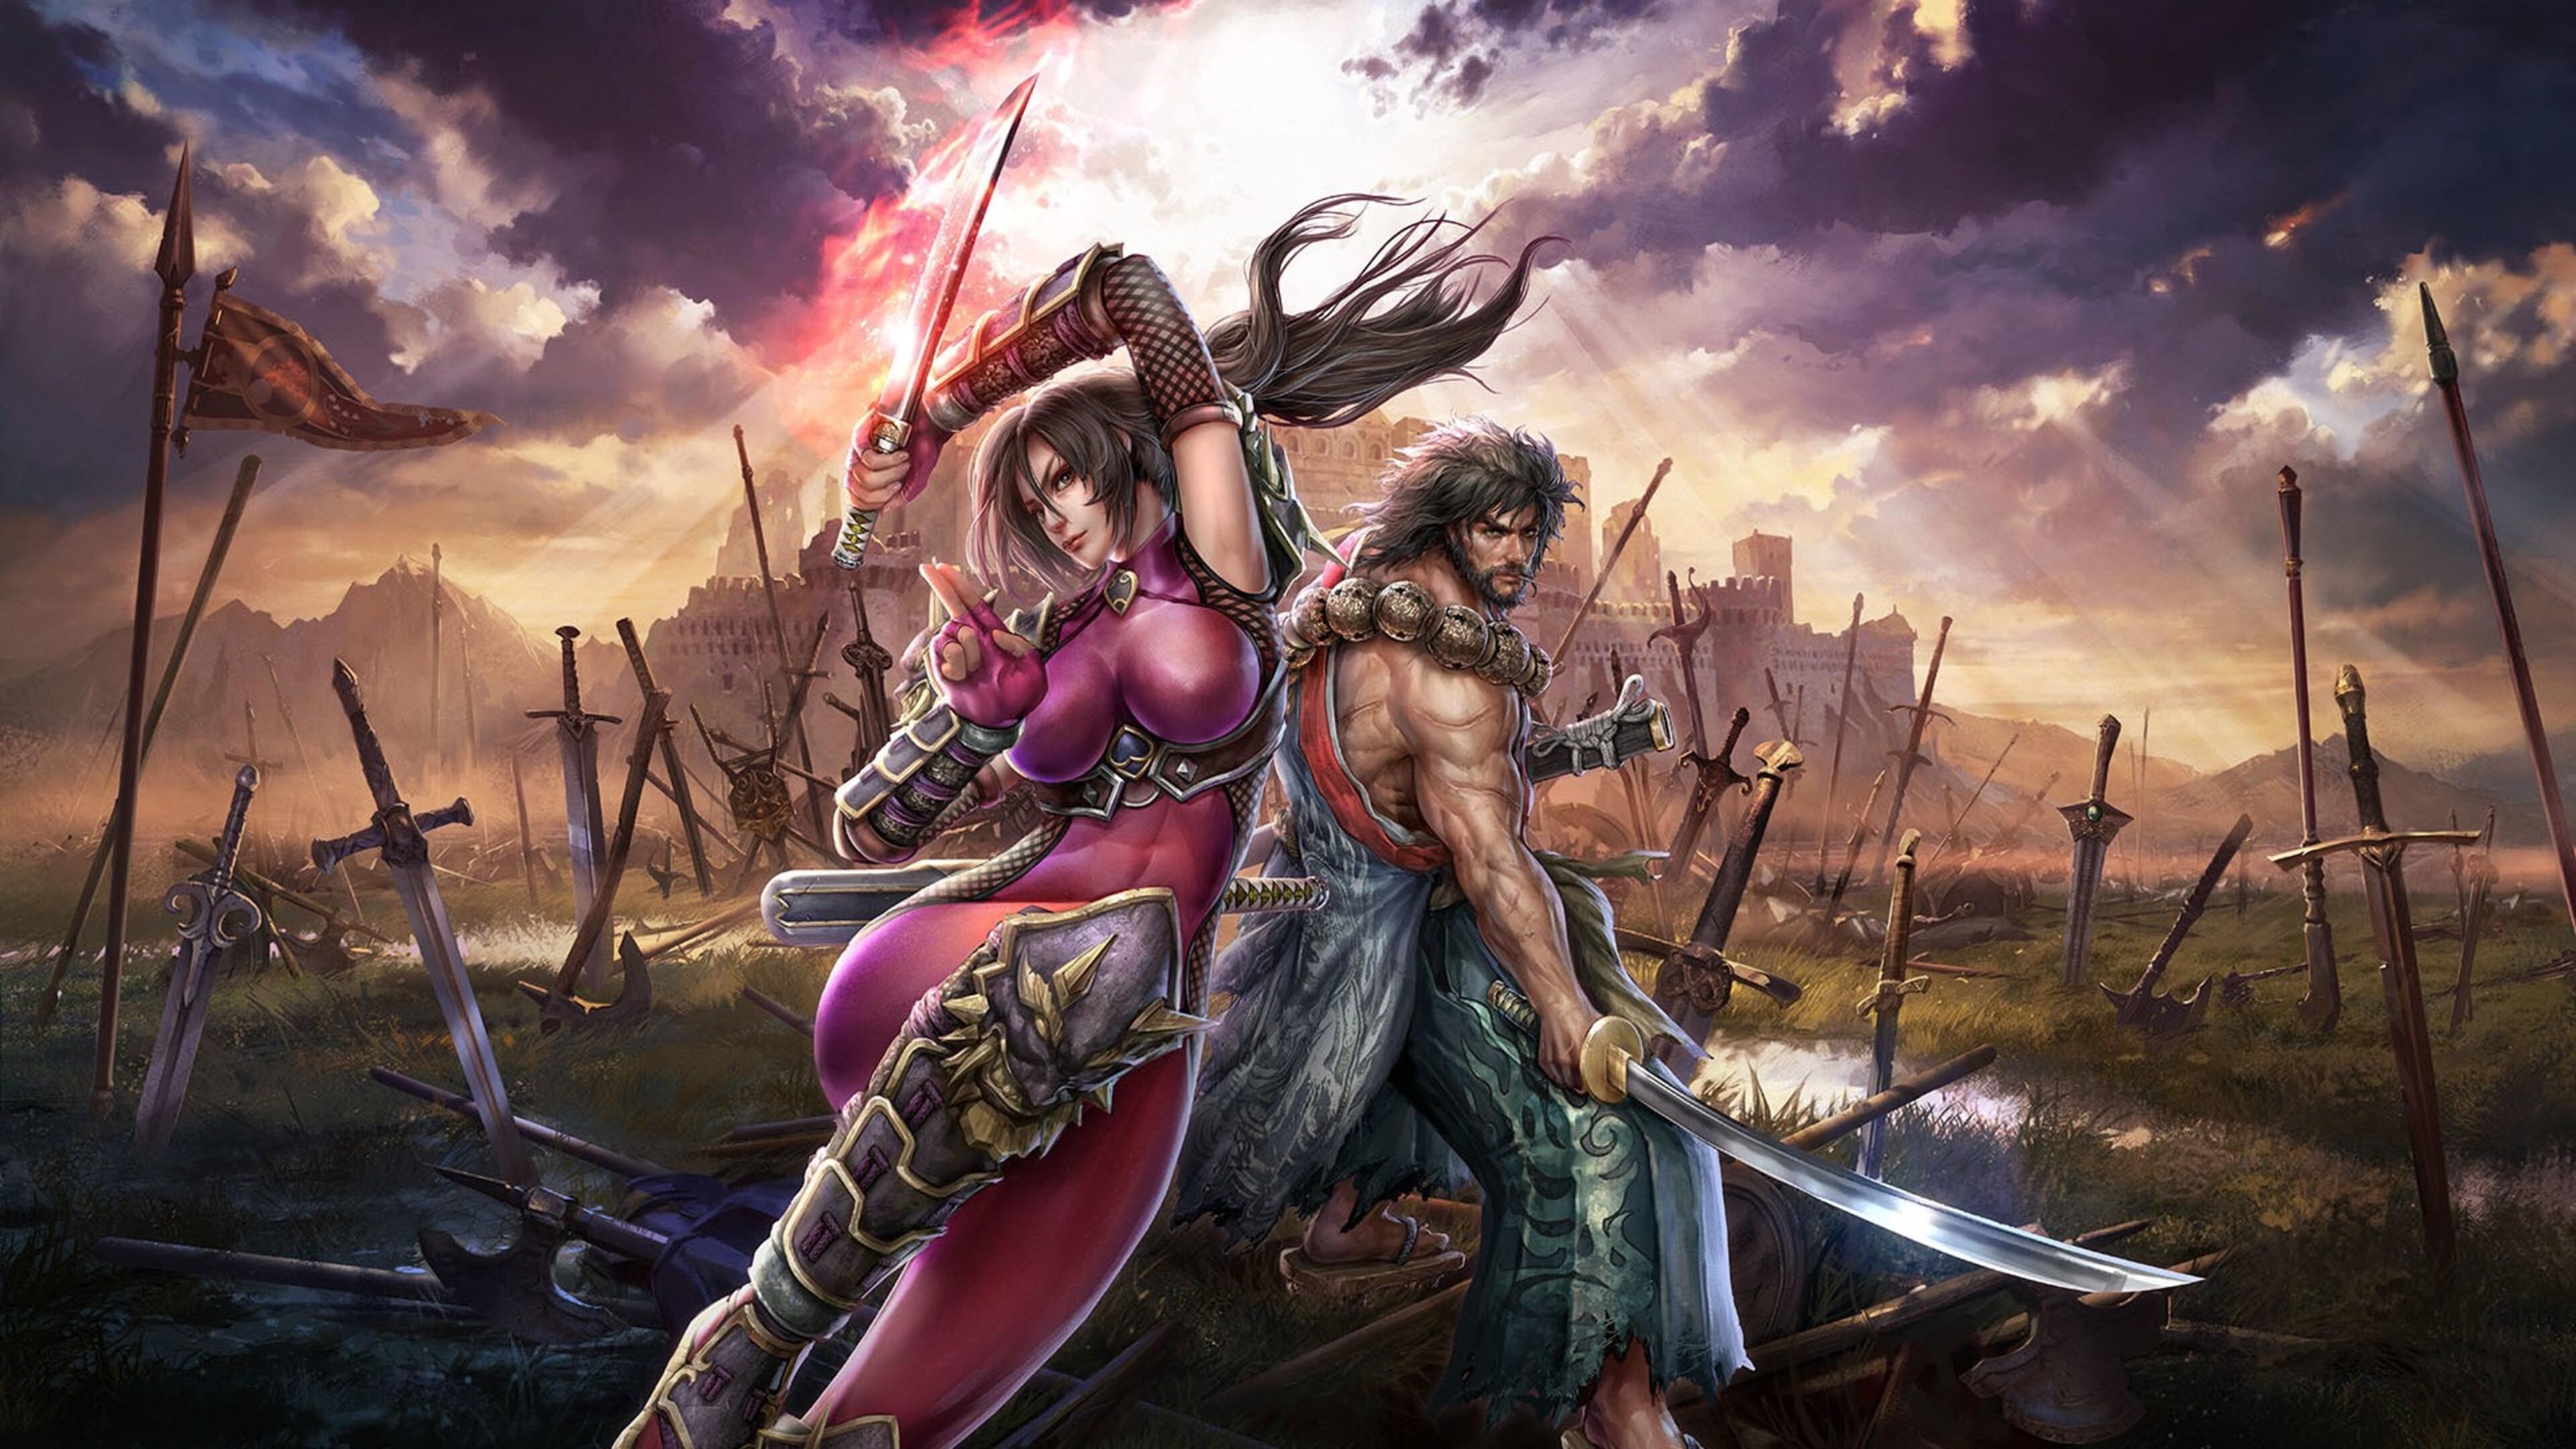 soul-calibur-lost-swords-game.jpg